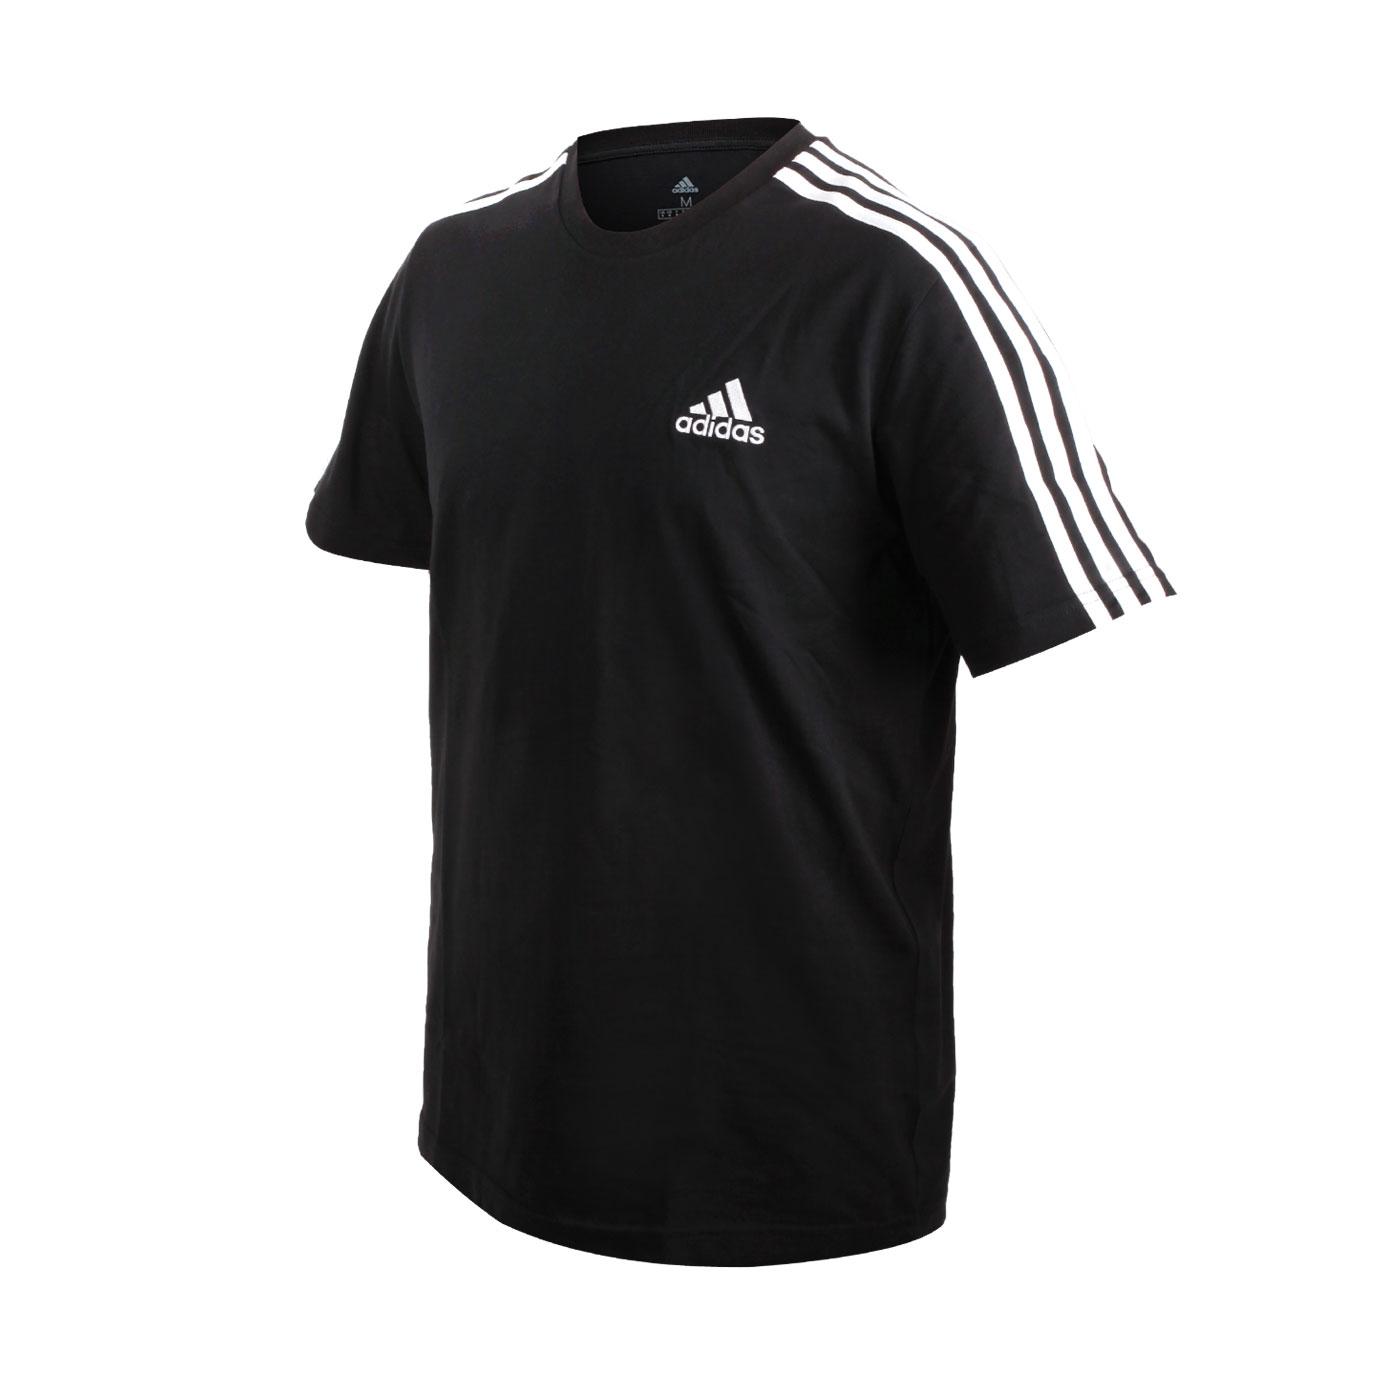 ADIDAS 男款短袖T恤 GL3732 - 黑白